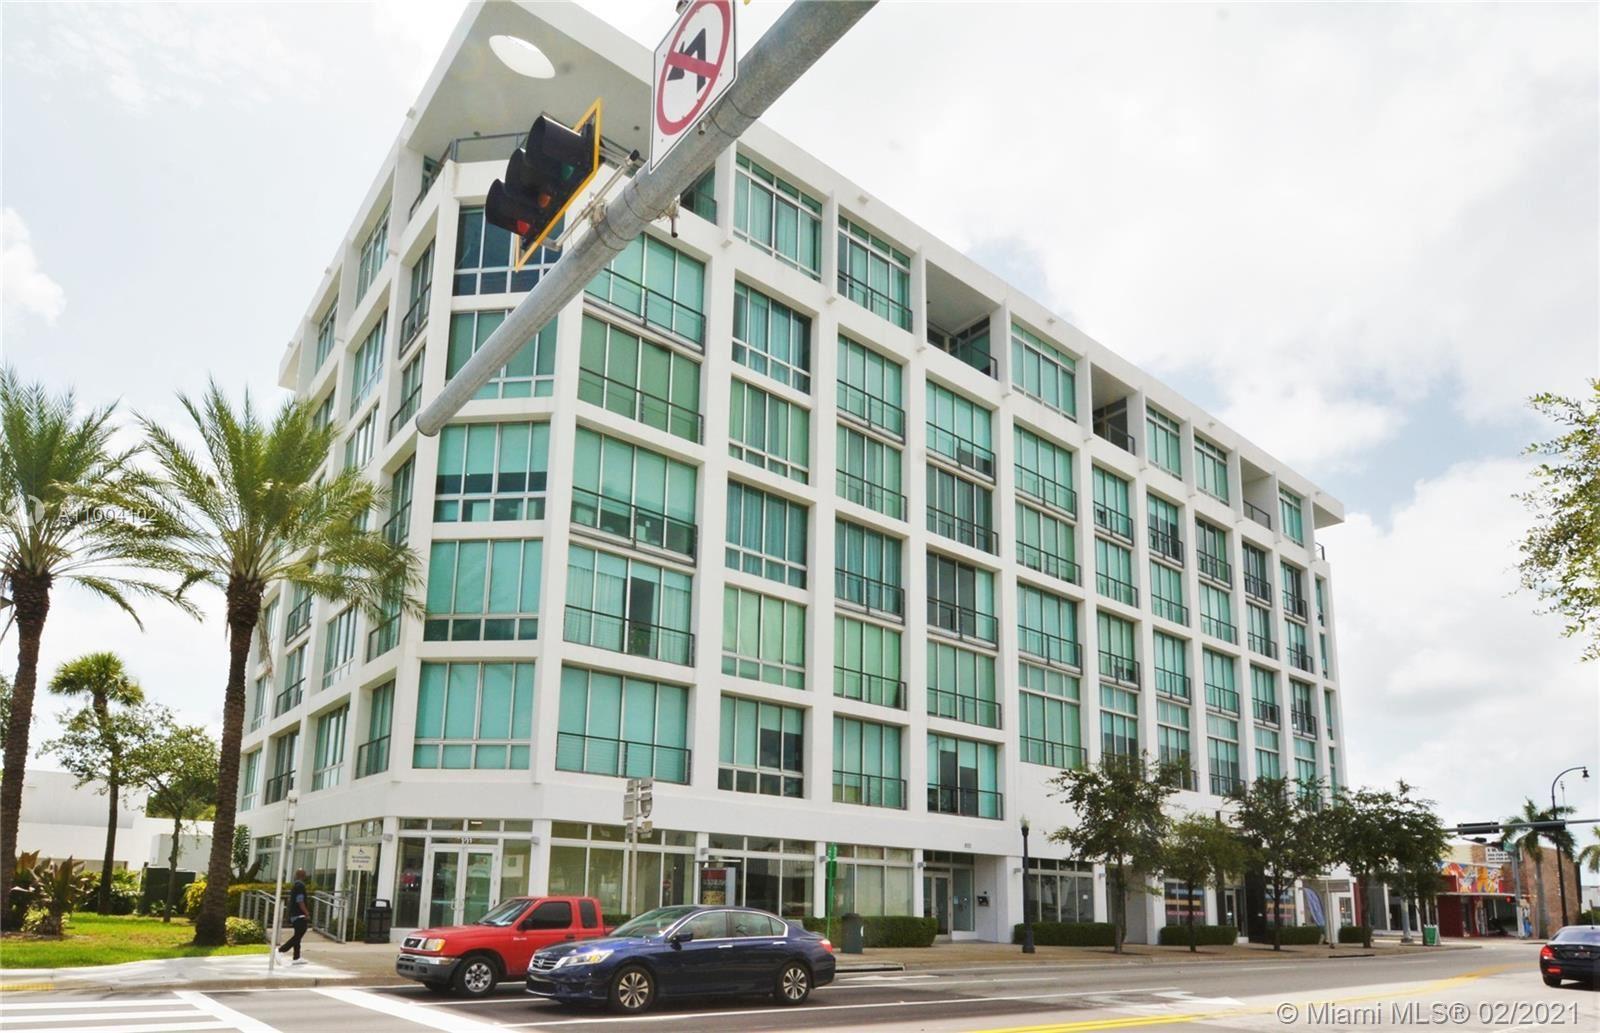 8101 Biscayne Blvd #R-504, Miami, FL 33138 - #: A11004102